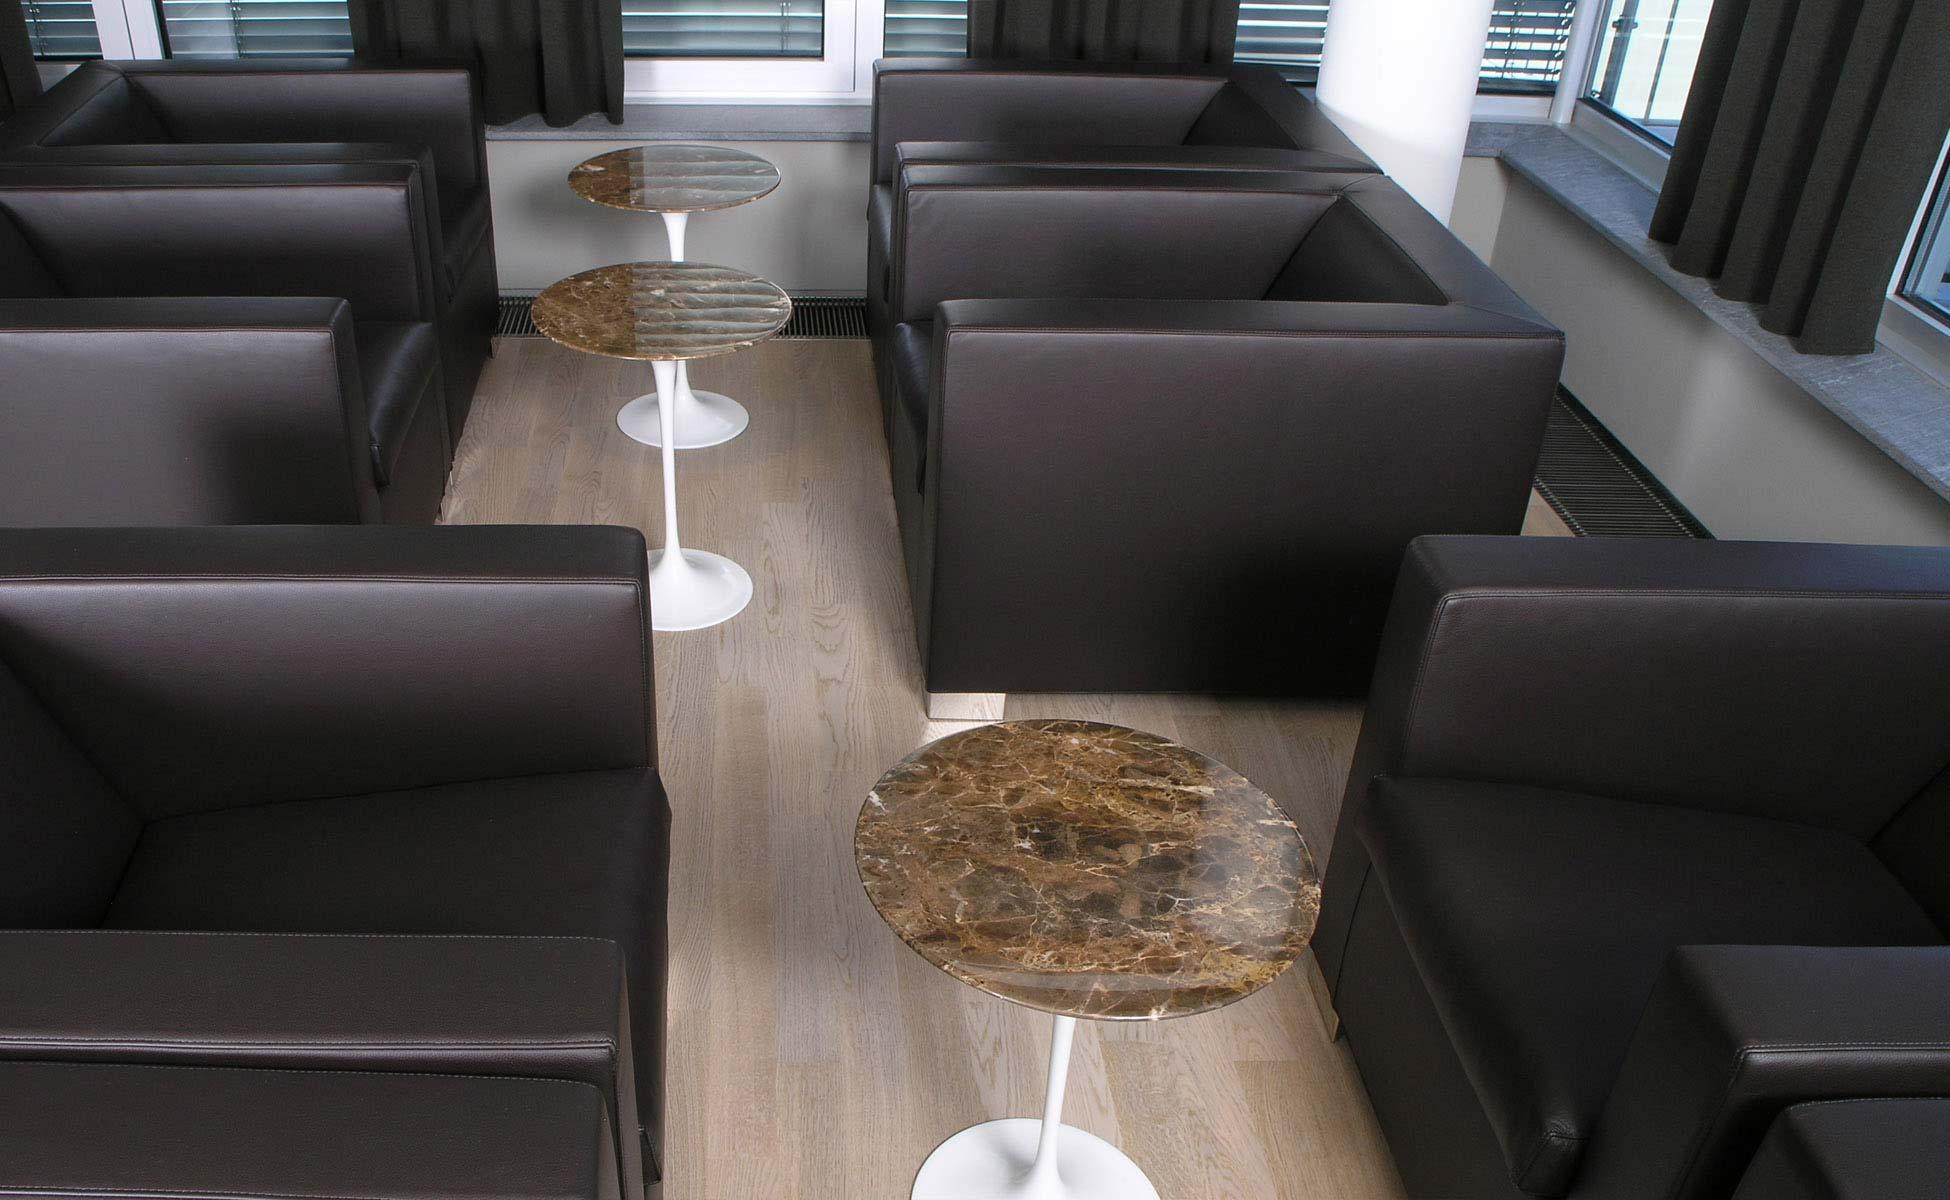 Lounge und Lobby Einrichtung Knoll International Saarinen Table von steidten+ Berlin